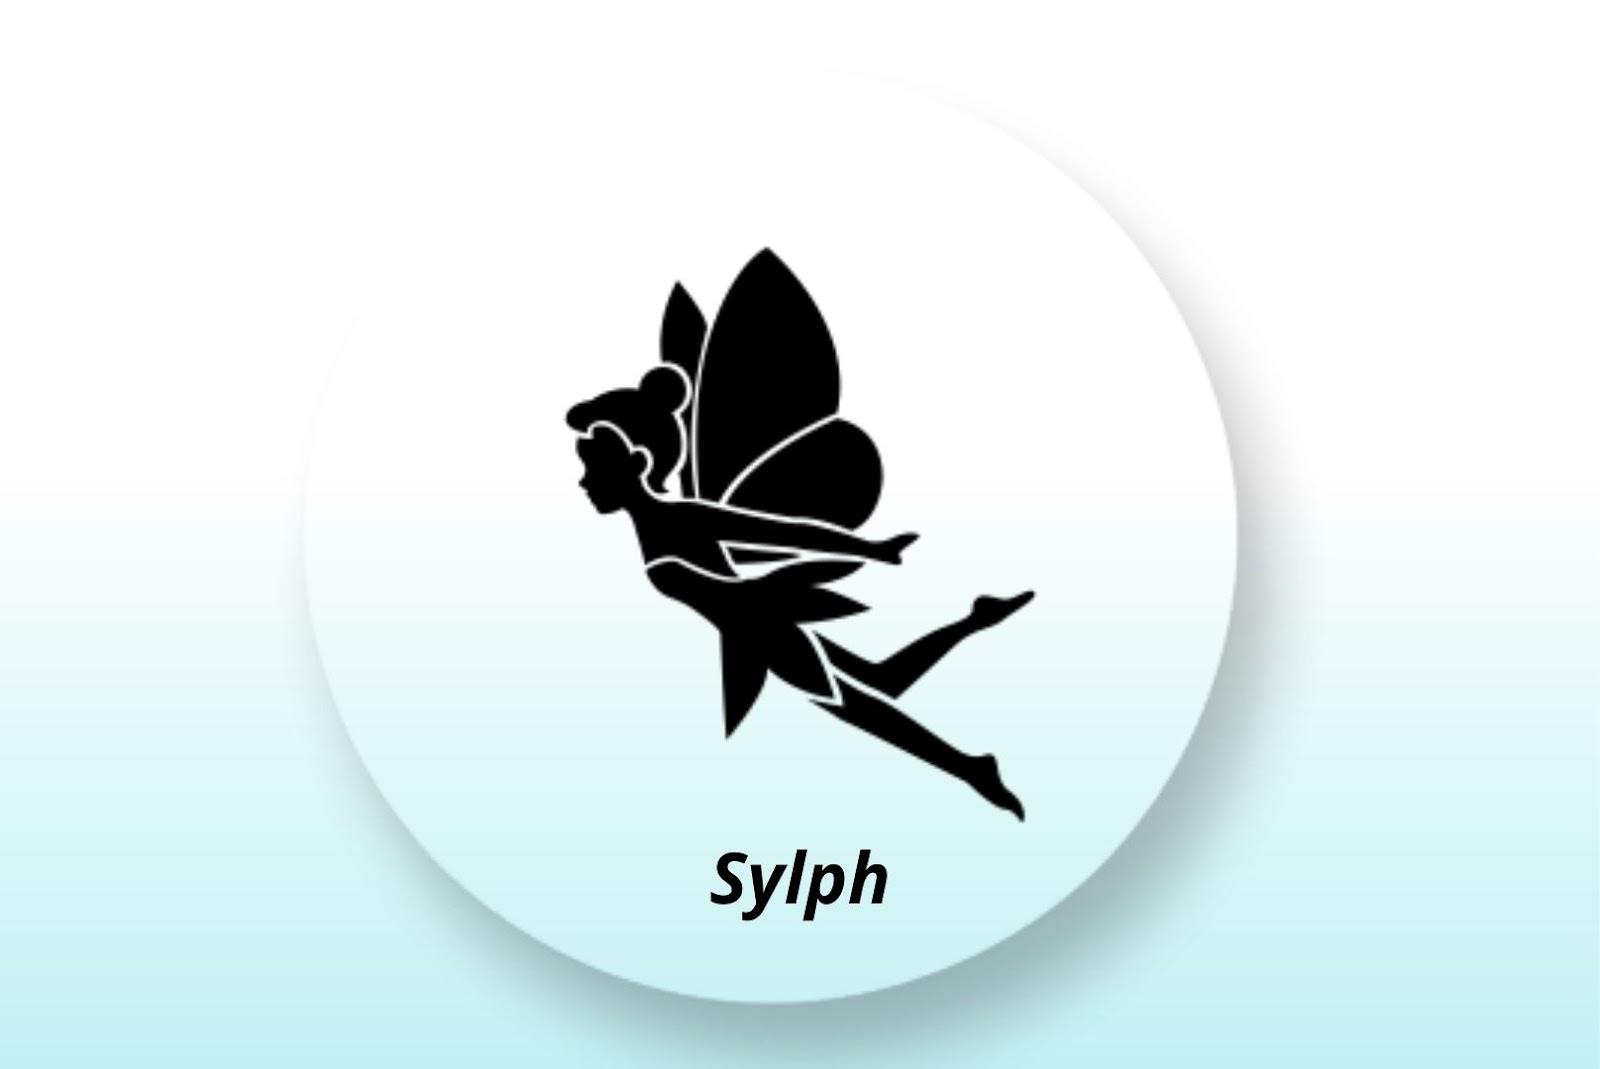 sylph flutter app development tools